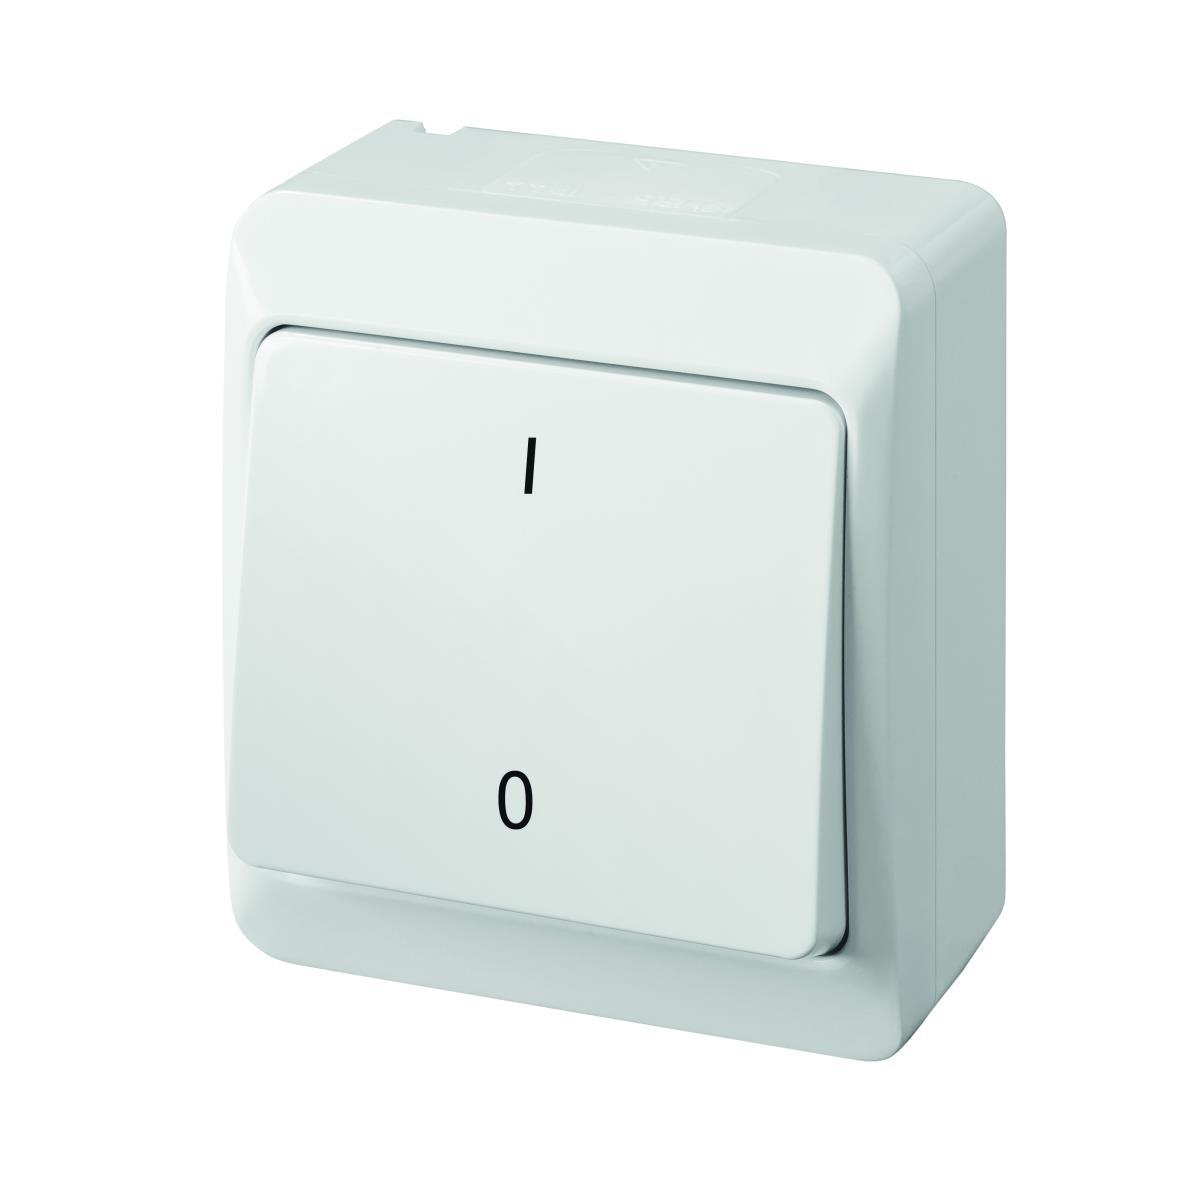 Aufputz 2-polig Schalter 10A 230 V IP44 Farbe weiß (Heizung-Notschalter) HERMES,Elektro-Plast,0333-02, 5901130484423